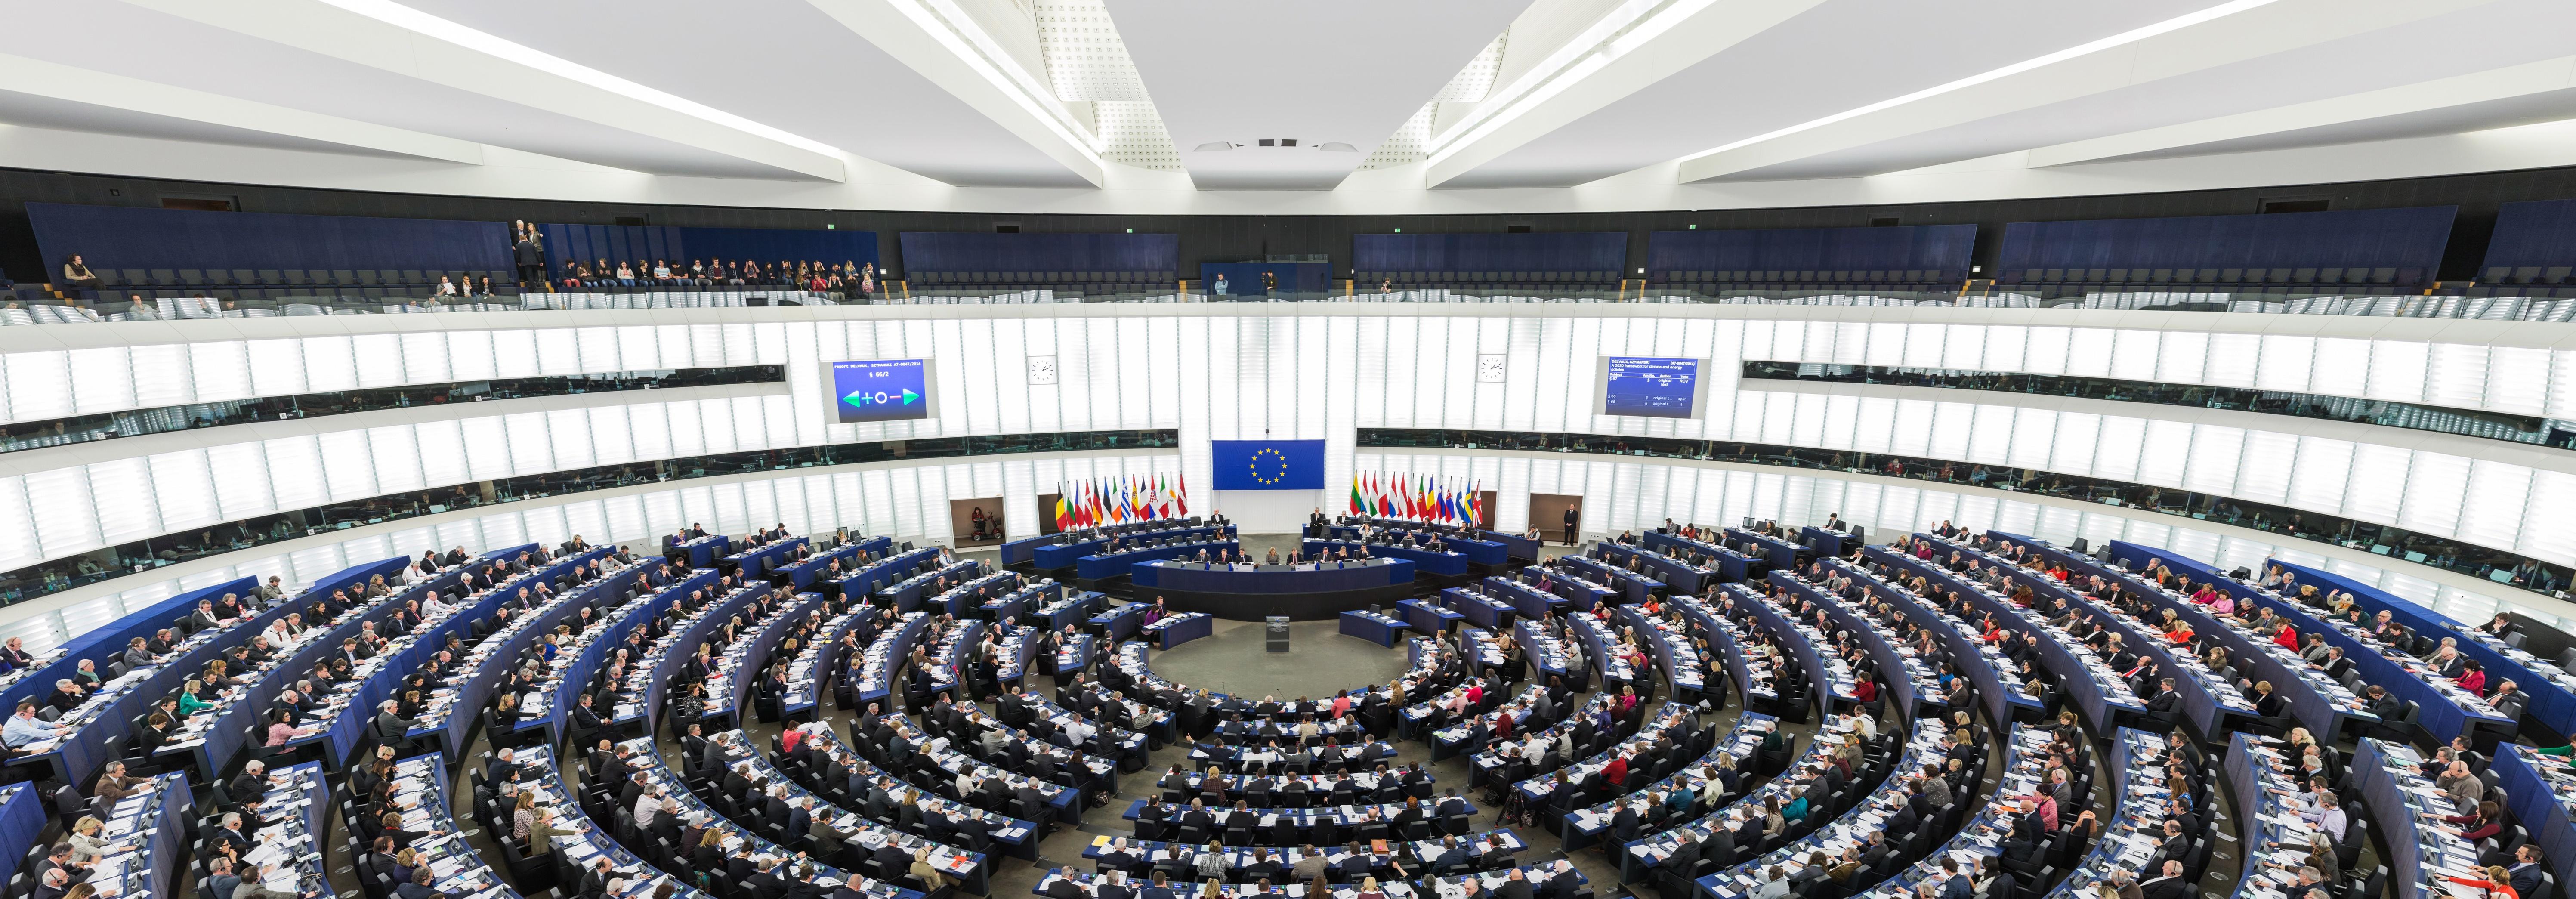 Vyhraj cestu do Evropského parlamentu